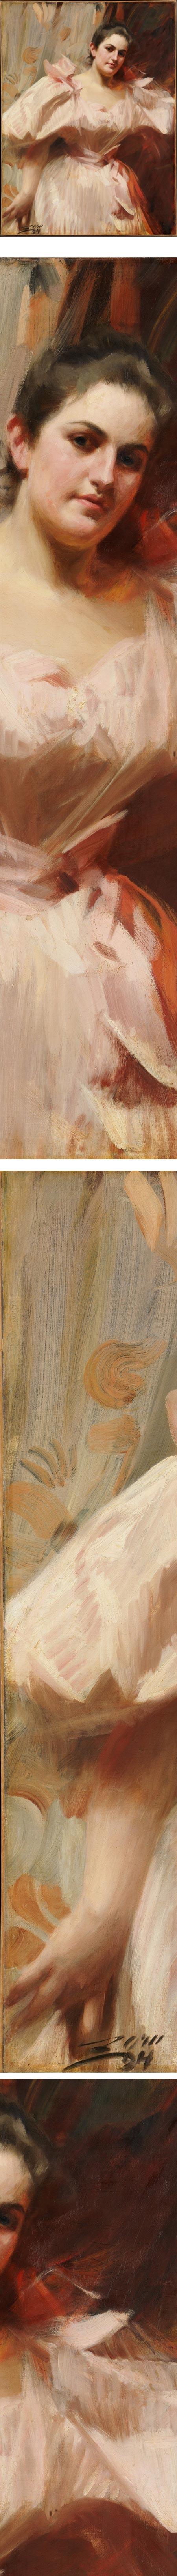 Portrait of Frieda Schiff, Anders Zorn